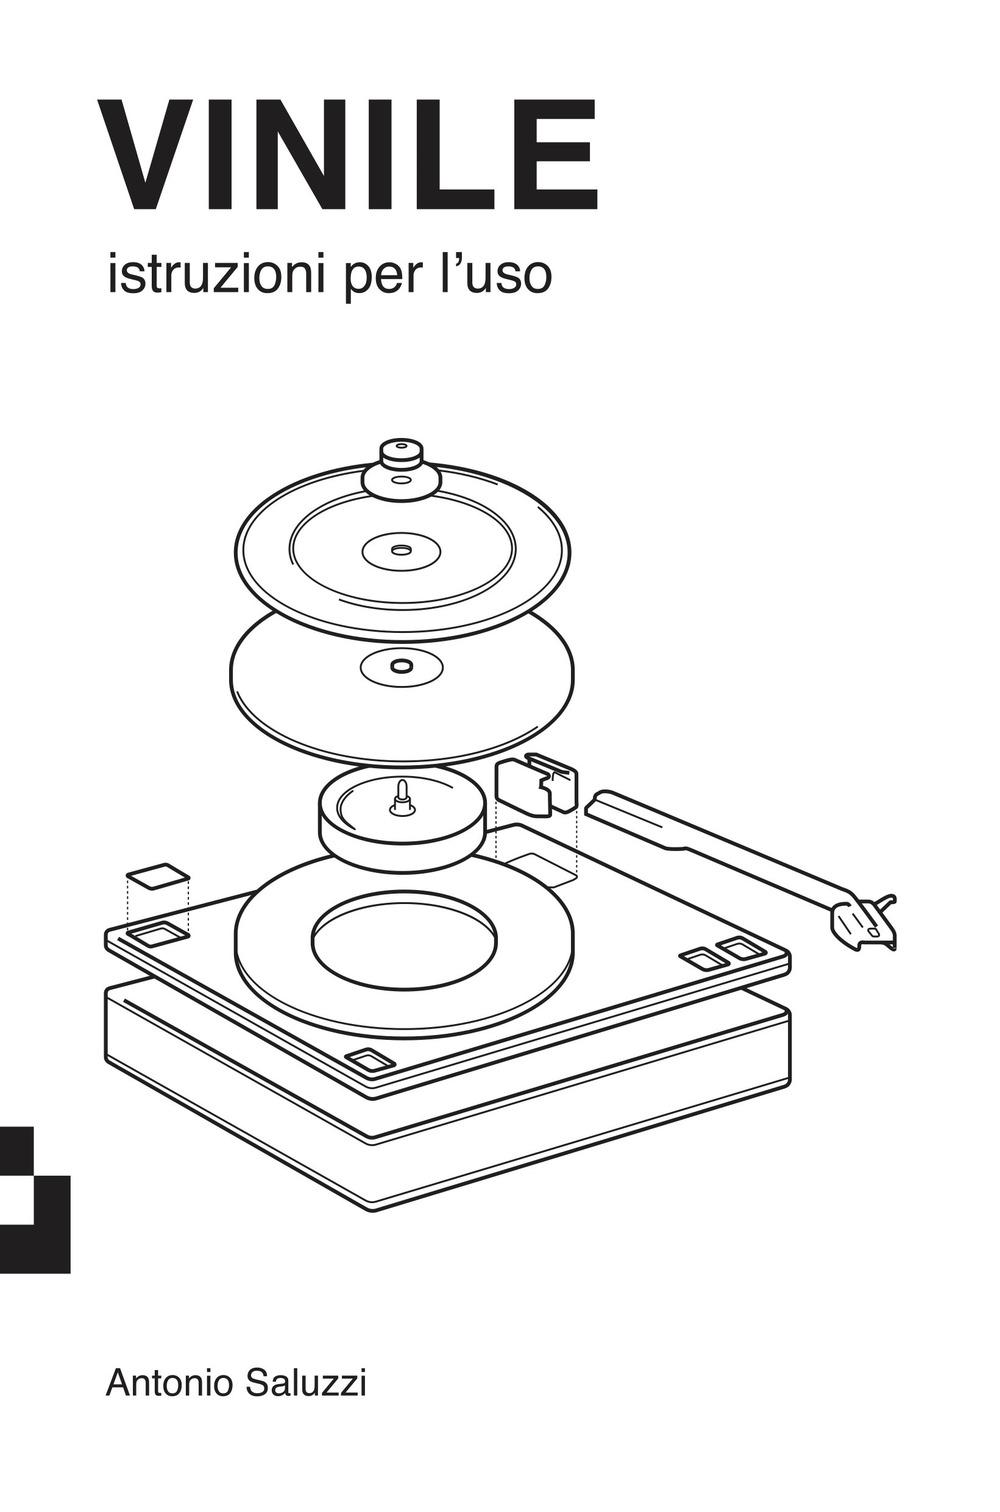 VINILE ISTRUZIONI PER L'USO - ANTONIO SALUZZI - 9788885546073